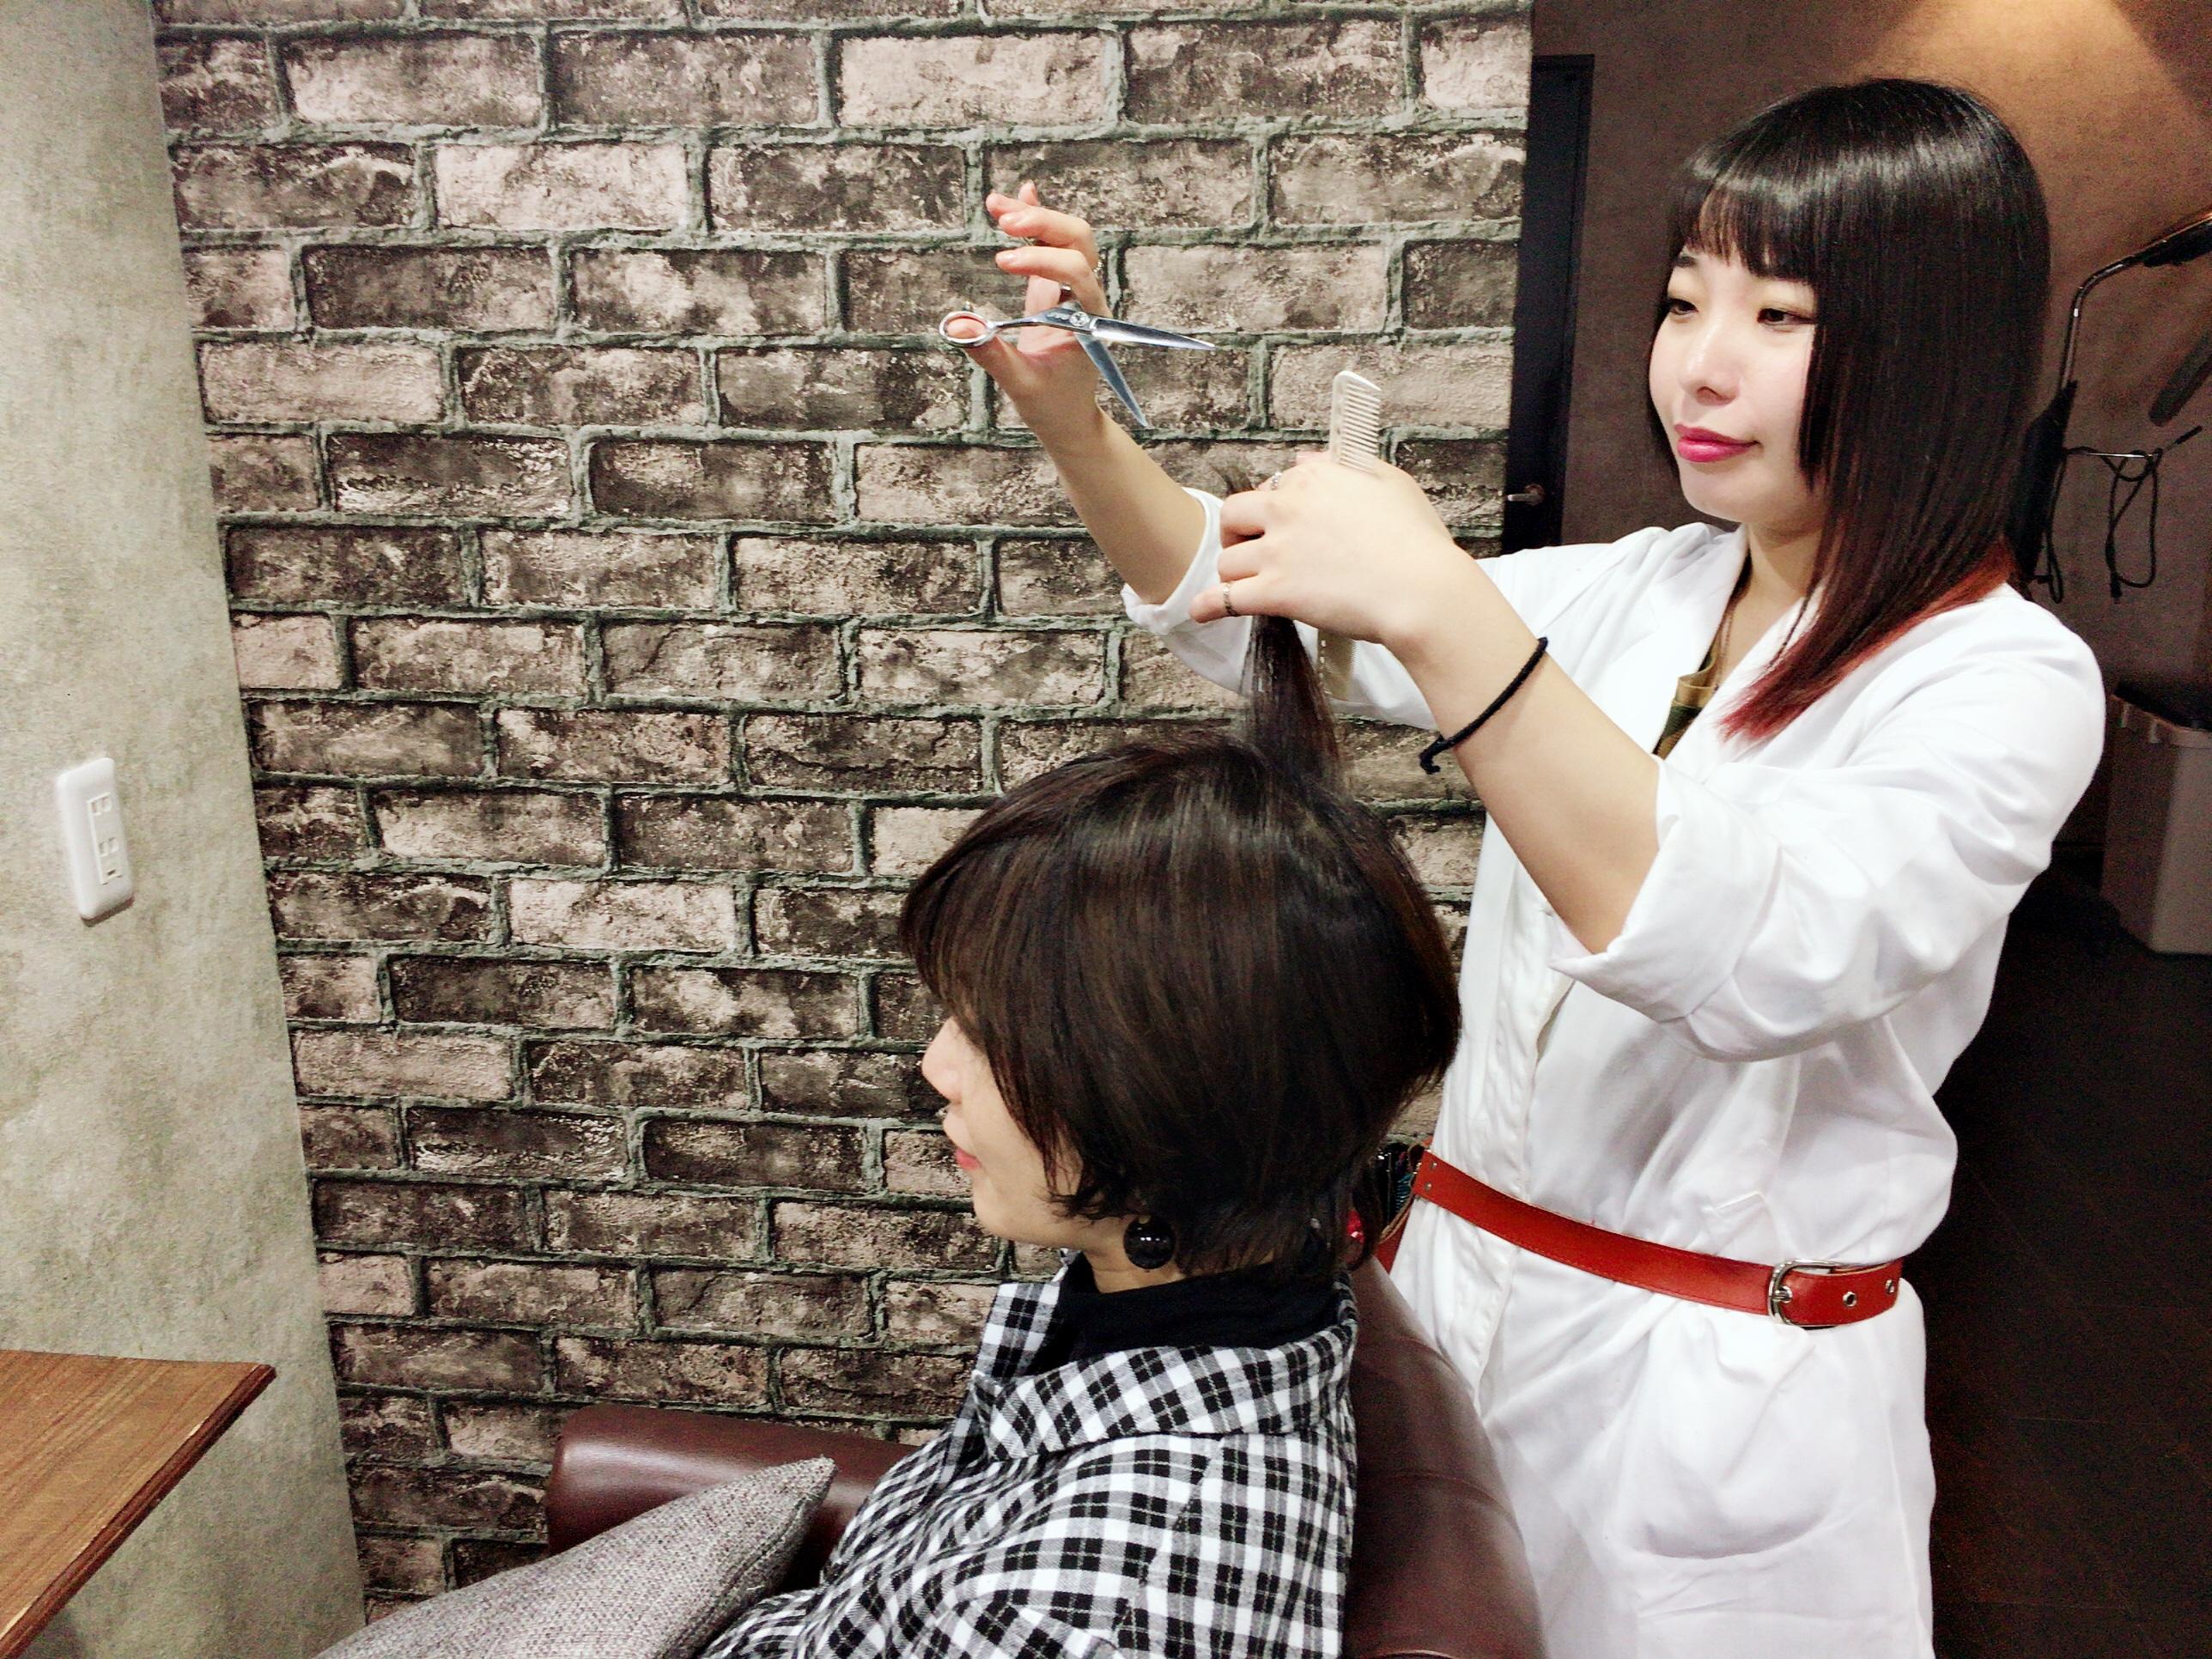 安田紘果のブログへのリンク